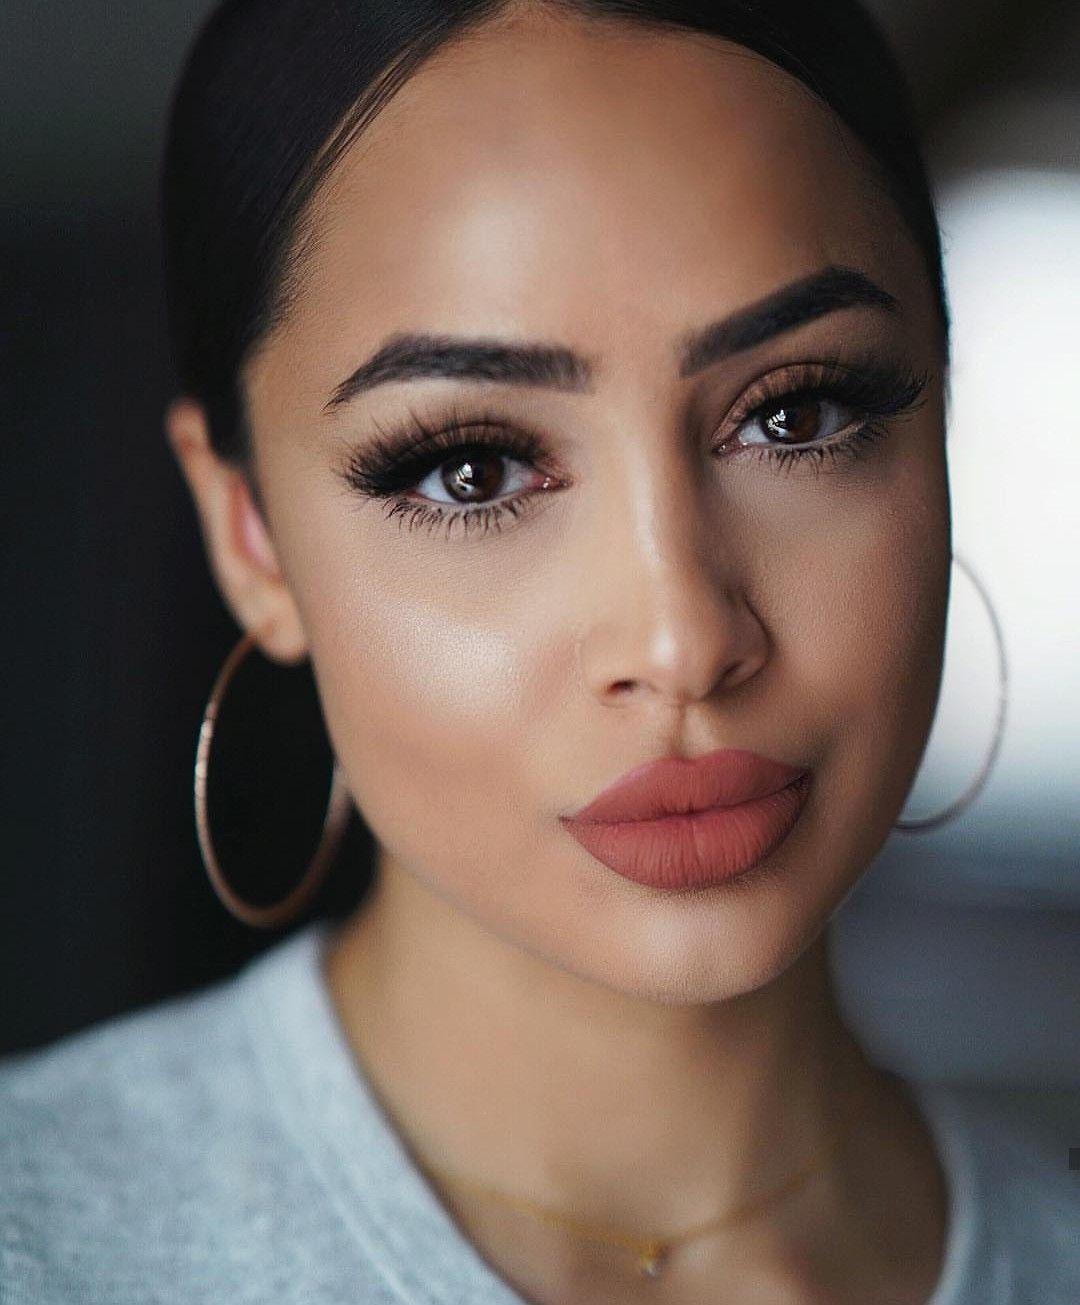 макияж для смуглой кожи фото облицевать фактурной штукатуркой